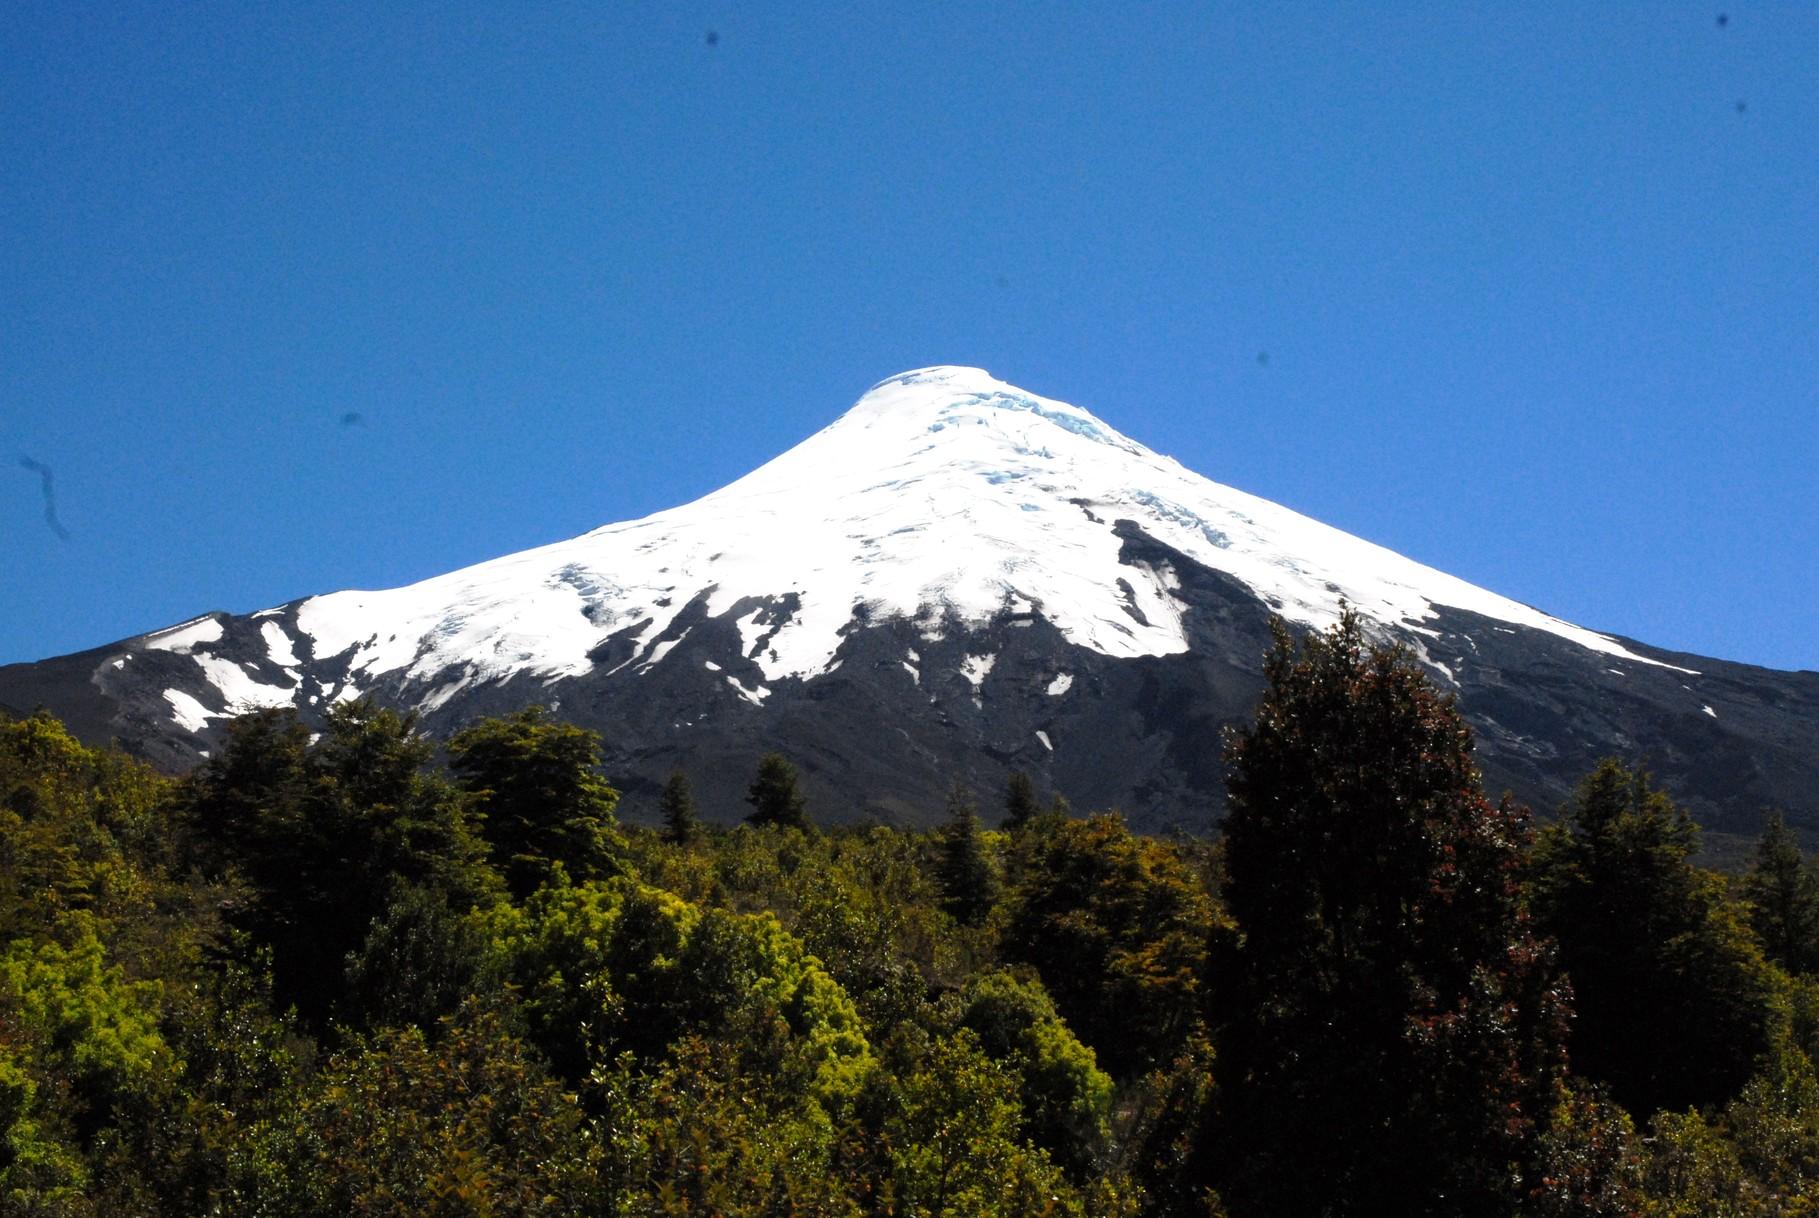 und der Volcano aus der Nähe